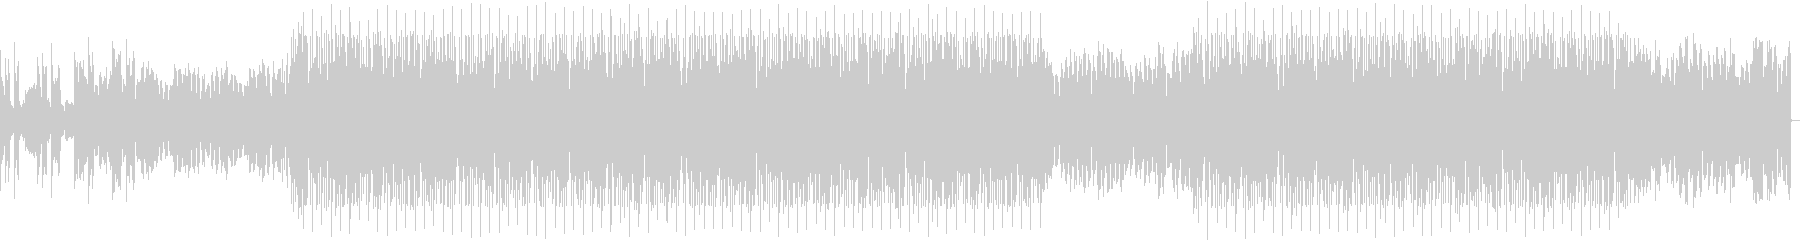 bpm096 ボコーダーEDMエレクトロの未再生の波形